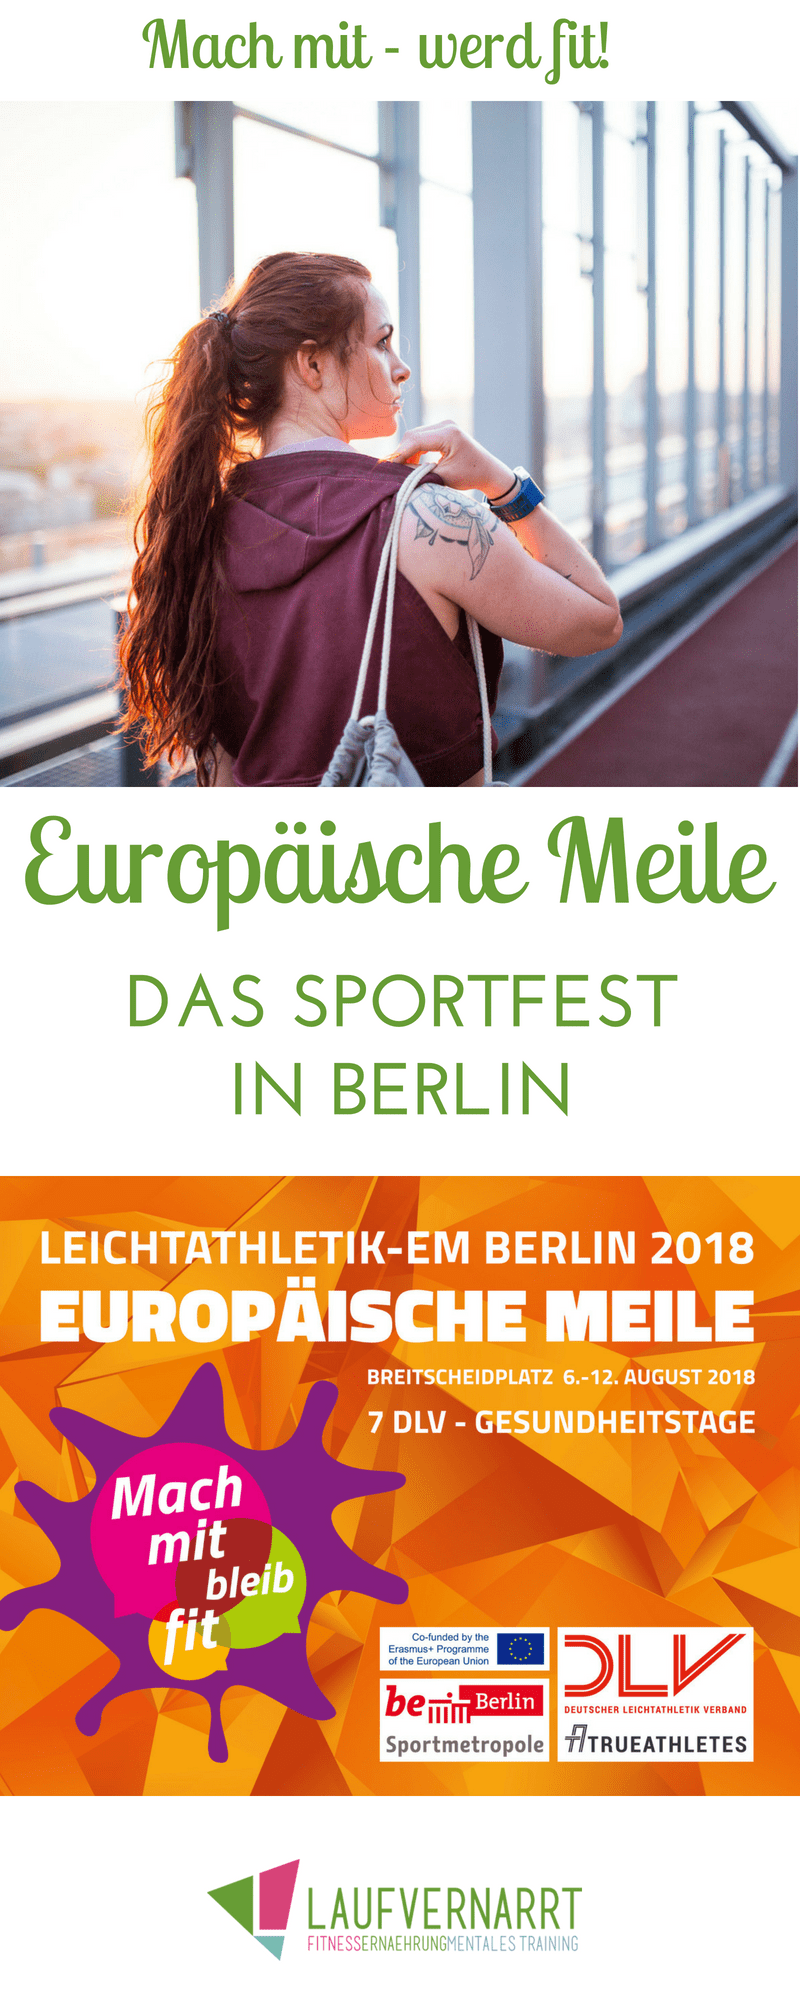 Anzeige: Europäische Meile Berlin - Mach mit, bleib fit ...